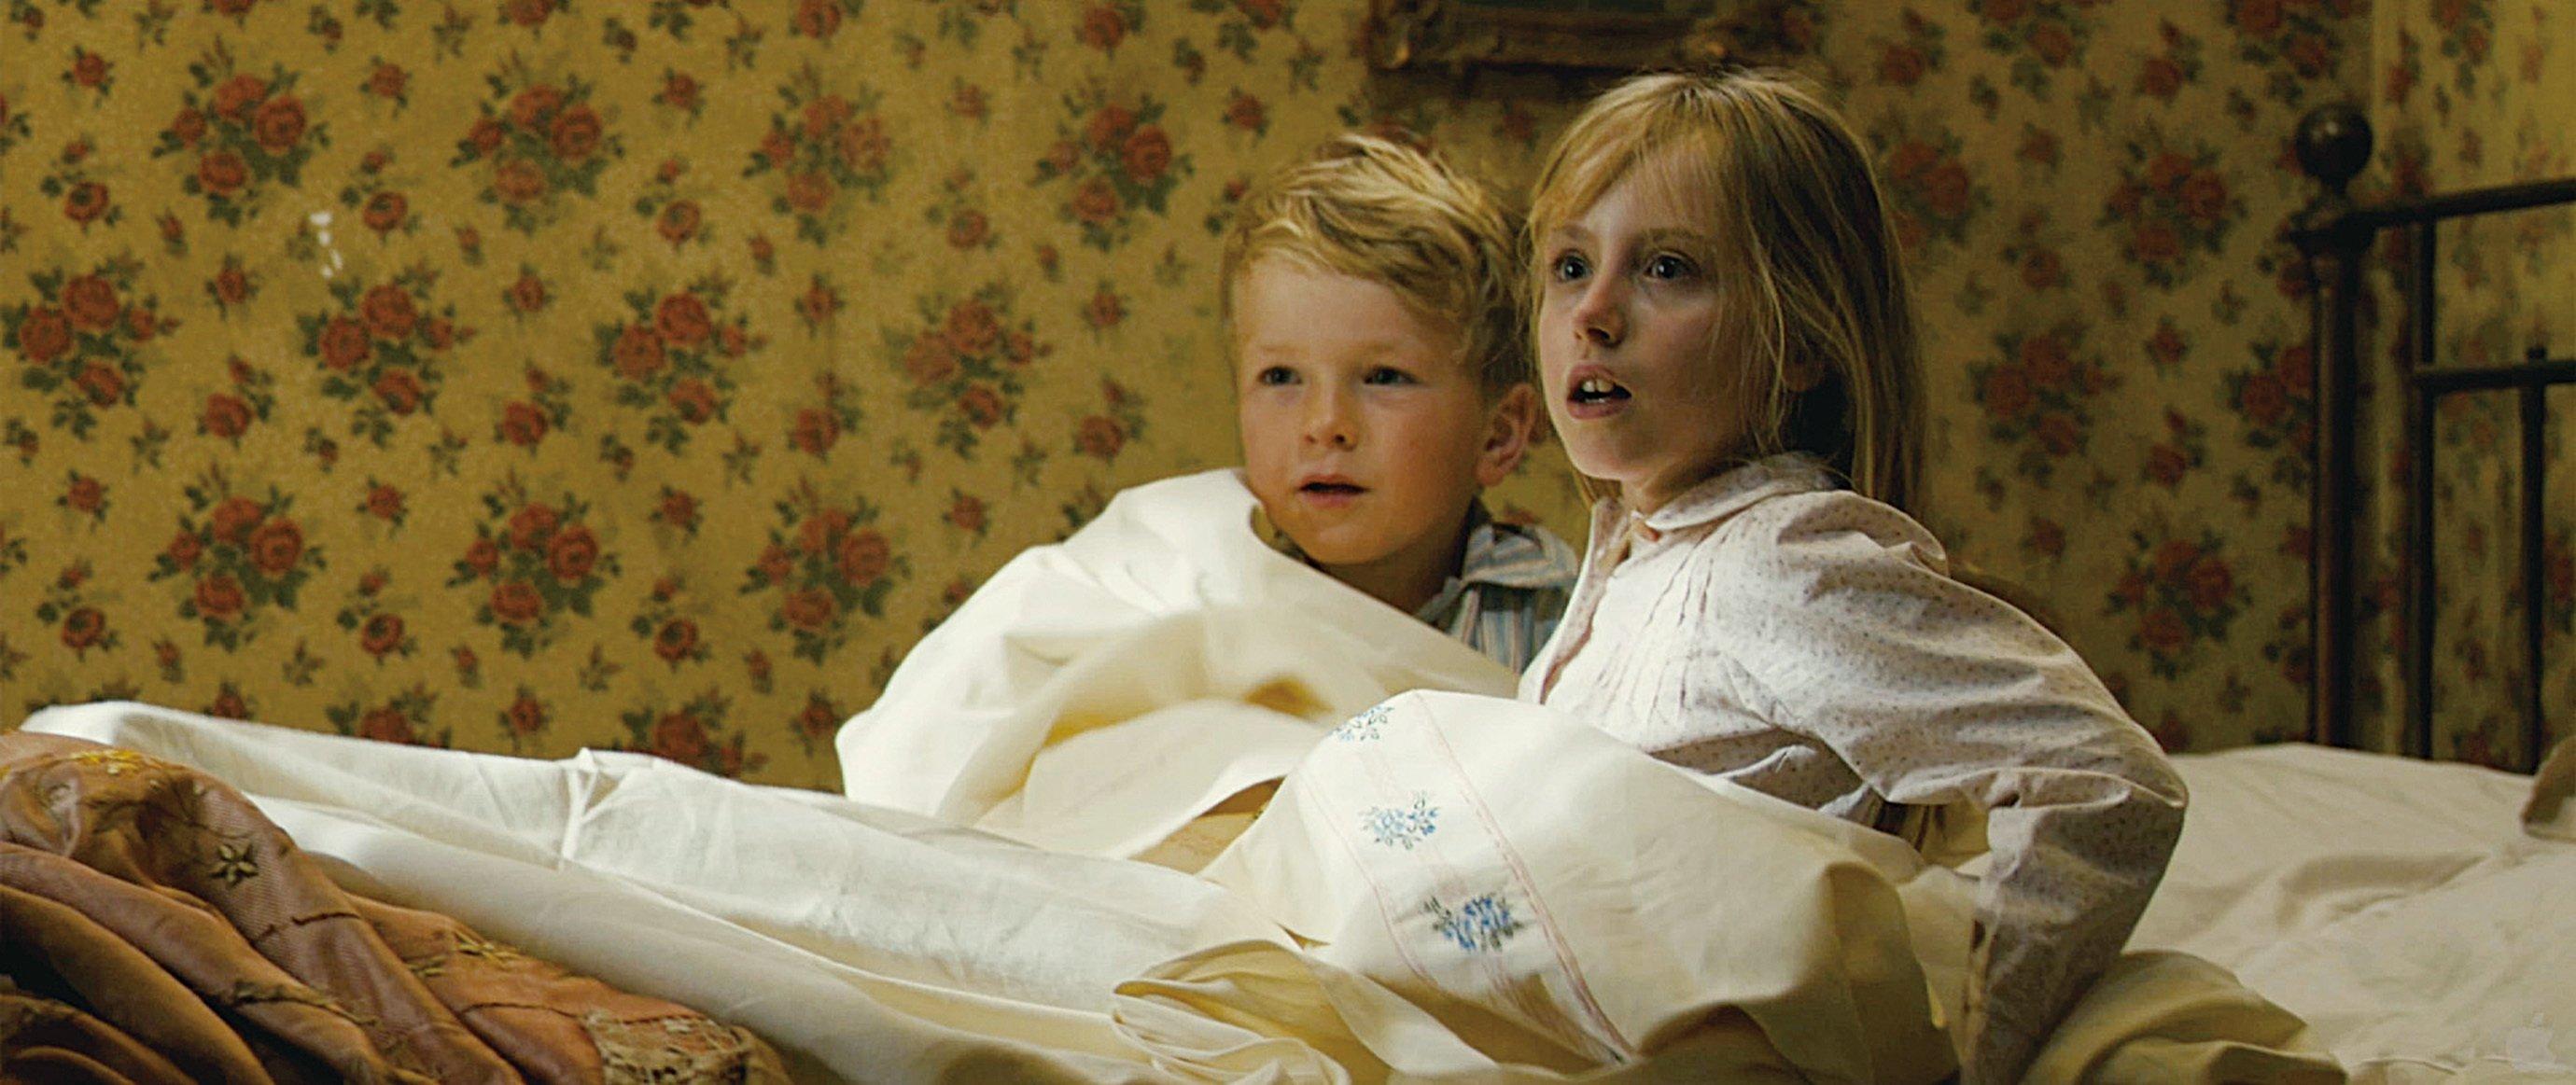 半夜警察的敲門聲驚醒了熟睡中的莎拉和她的弟弟。